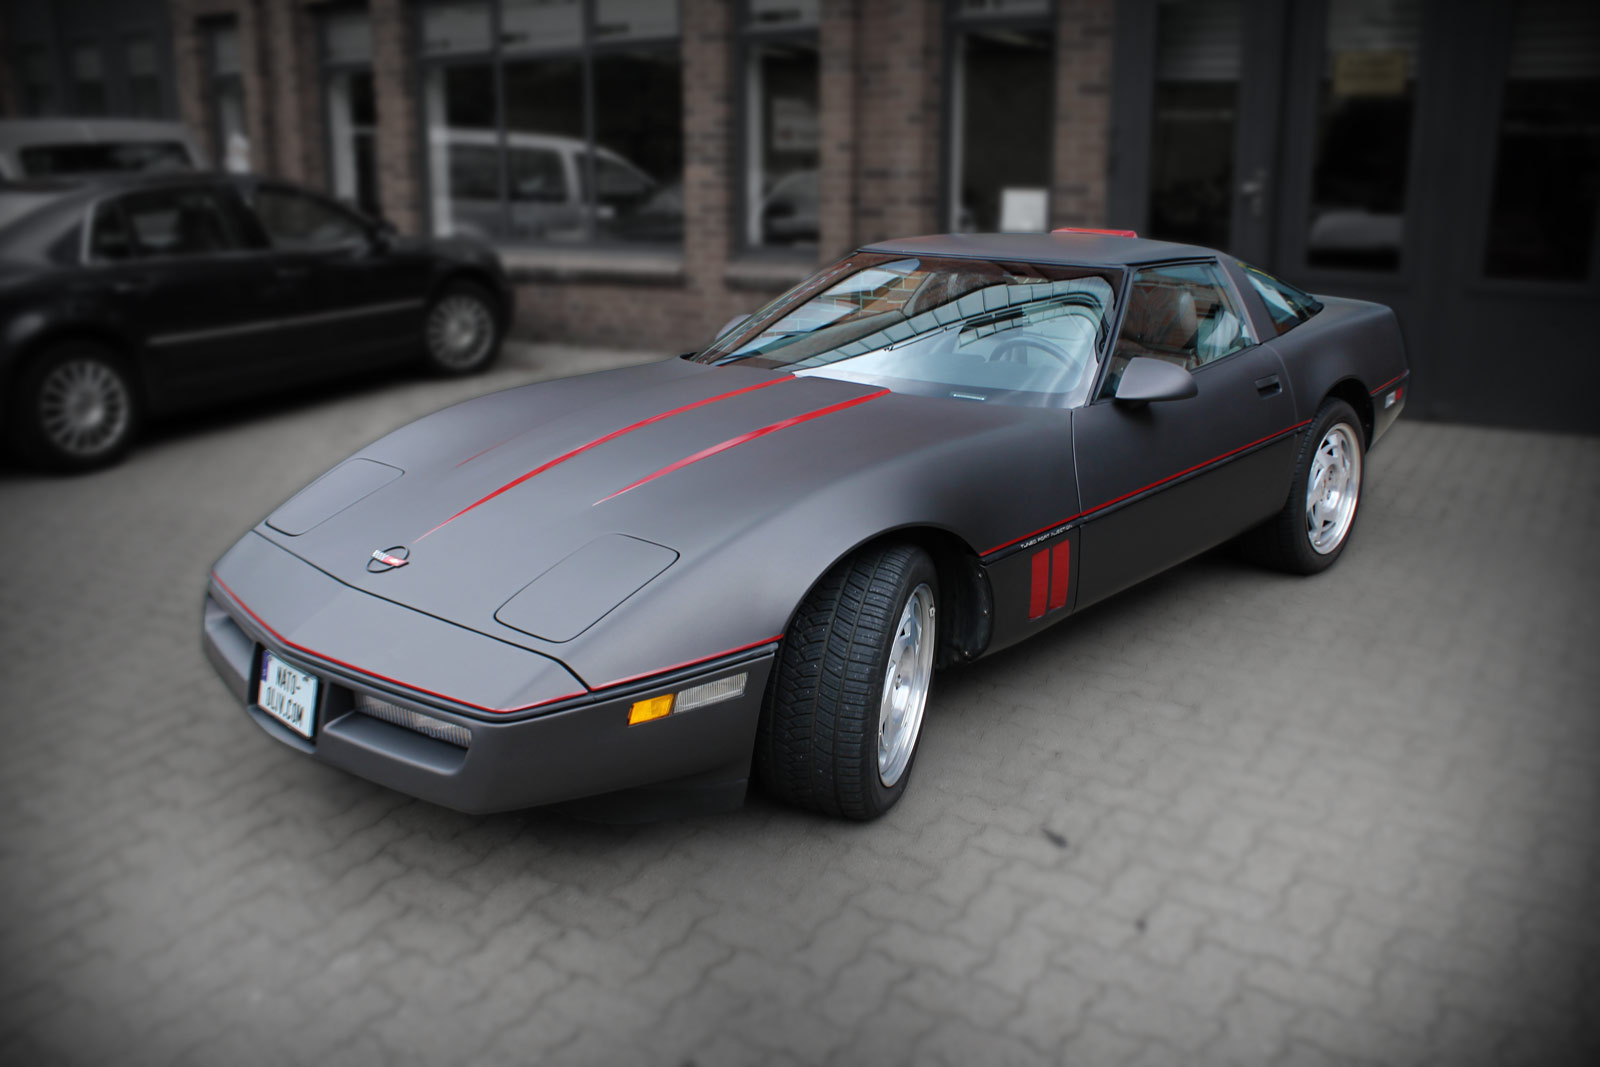 Corvette C4 komplett in schwarz braun matt metallic foliert und zusätzlichen roten Akzenten.